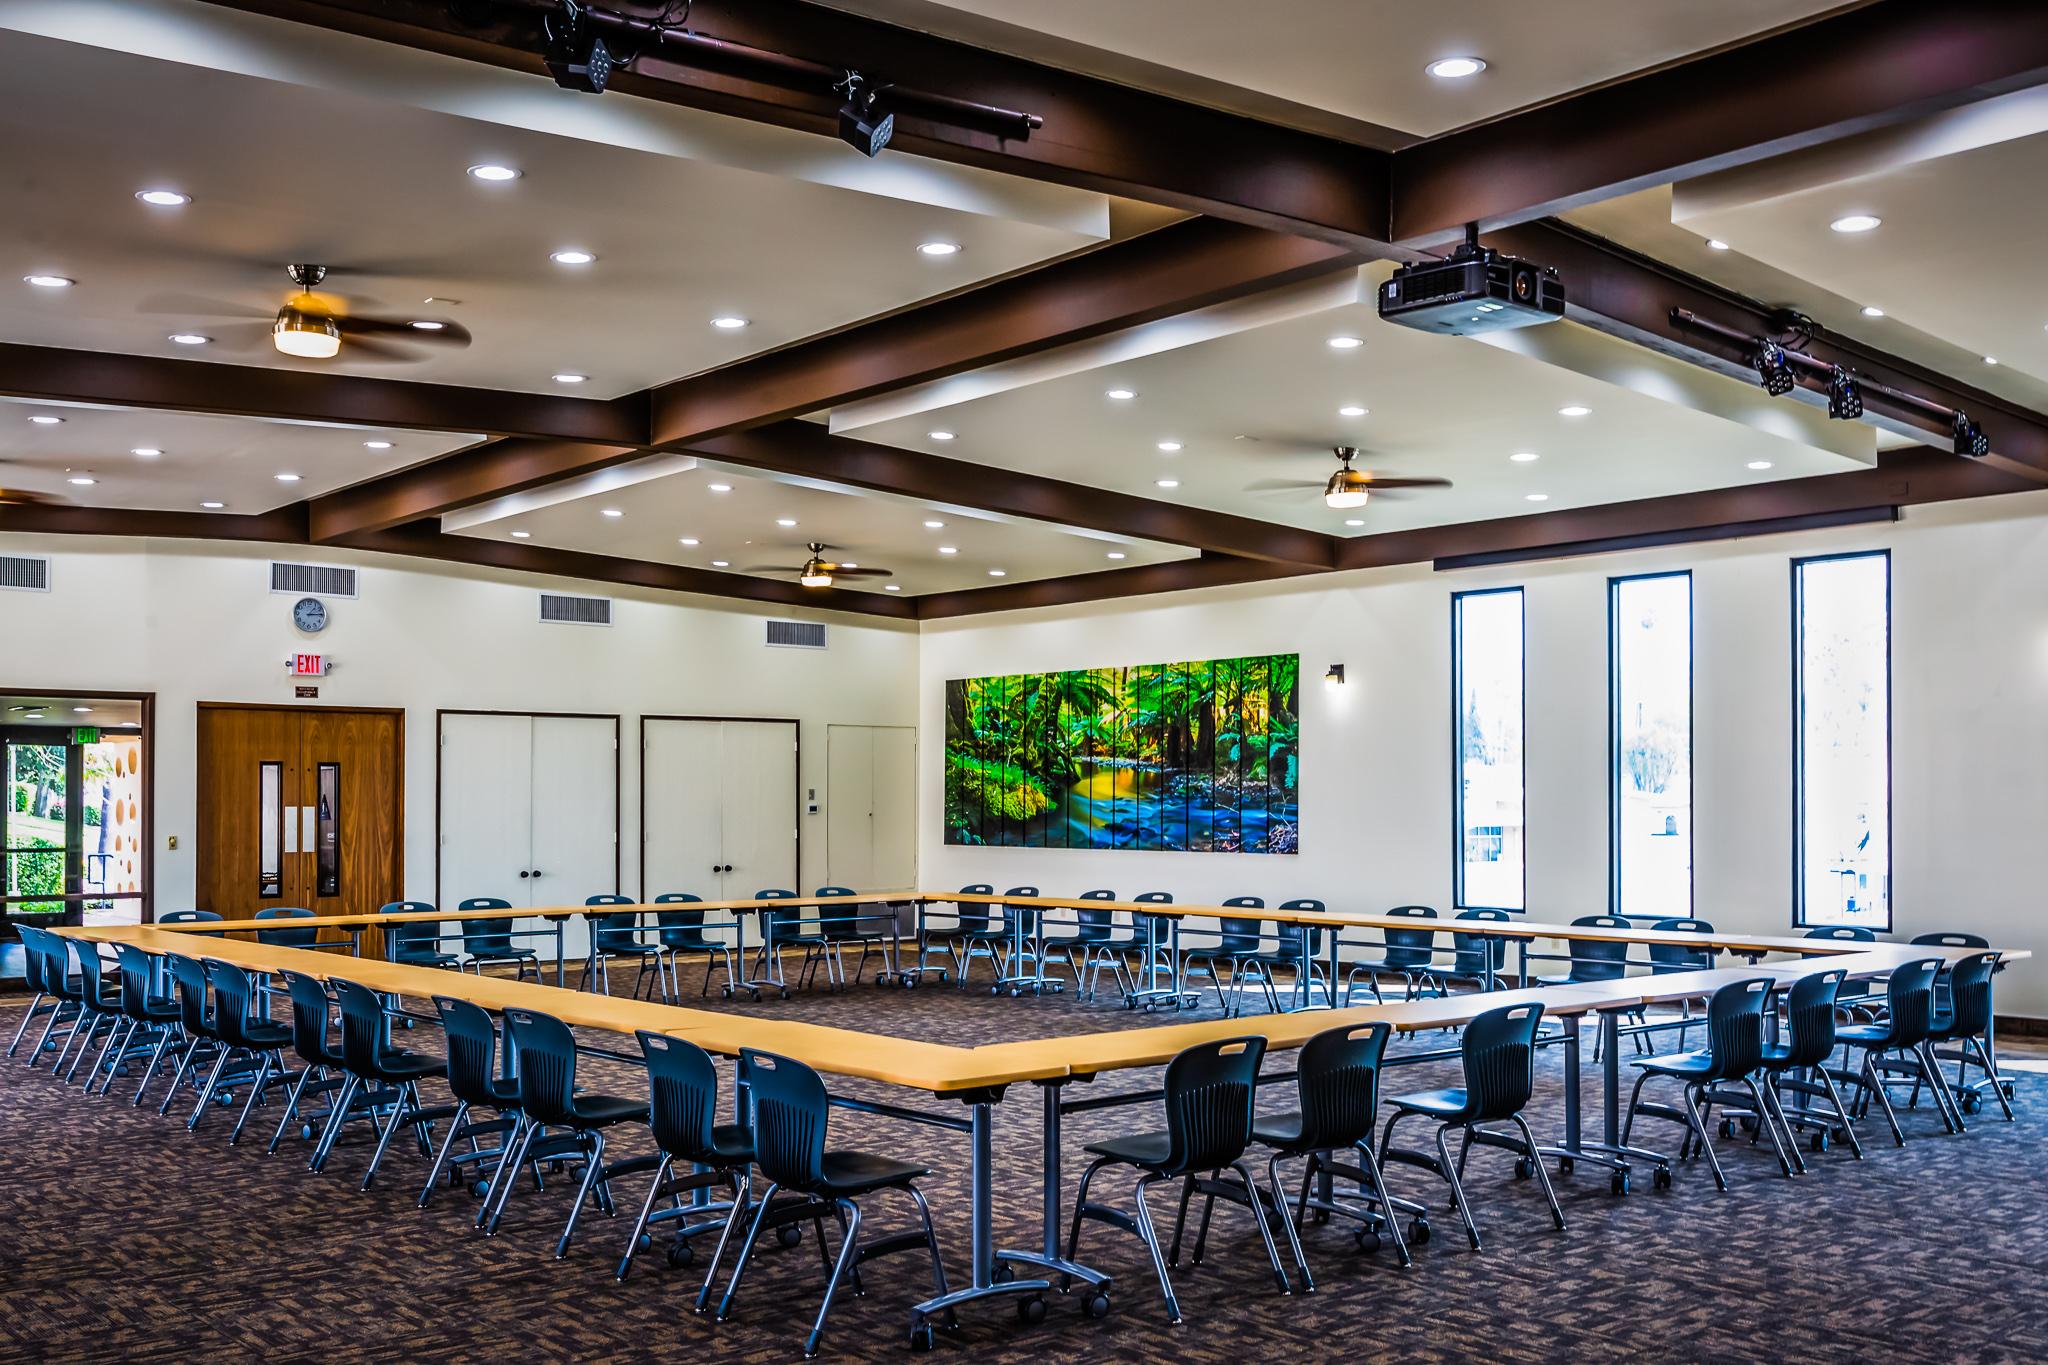 Linda Hall Remodeling - Loma Linda, CA